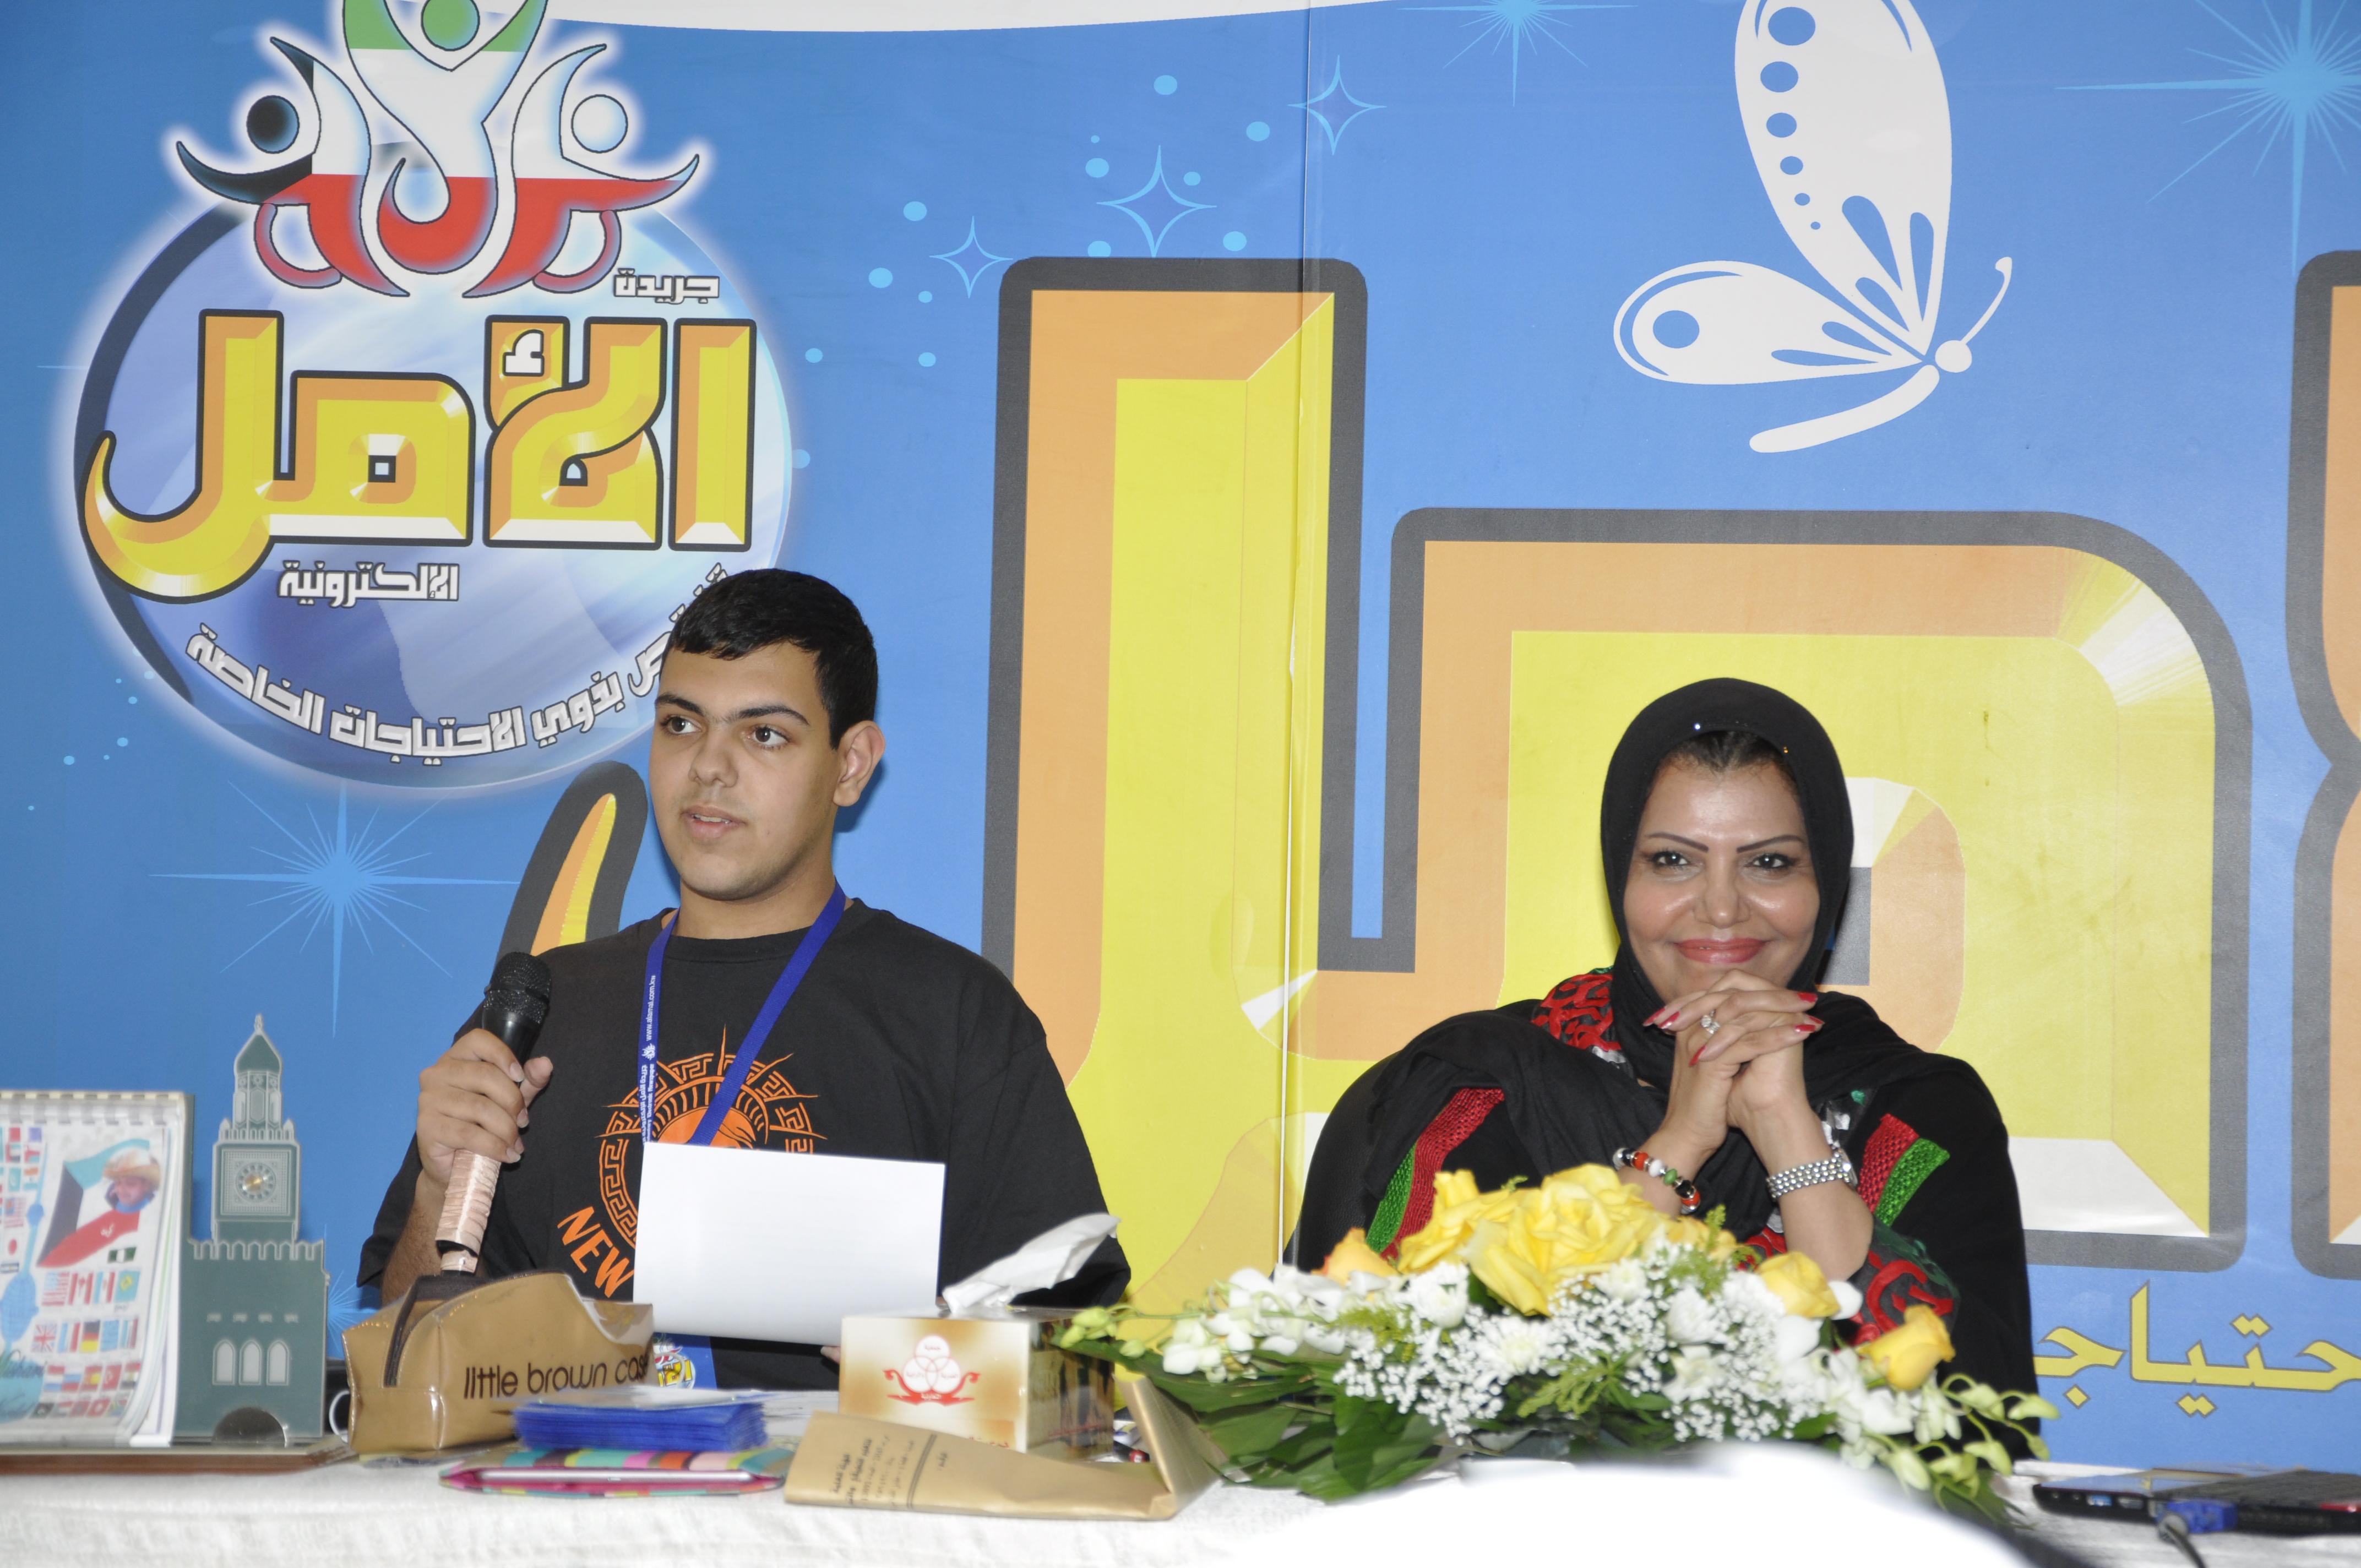 الاستاذه منى الانصاري وابنها مشاري ابل في محاضرة توعوية عن التوحد